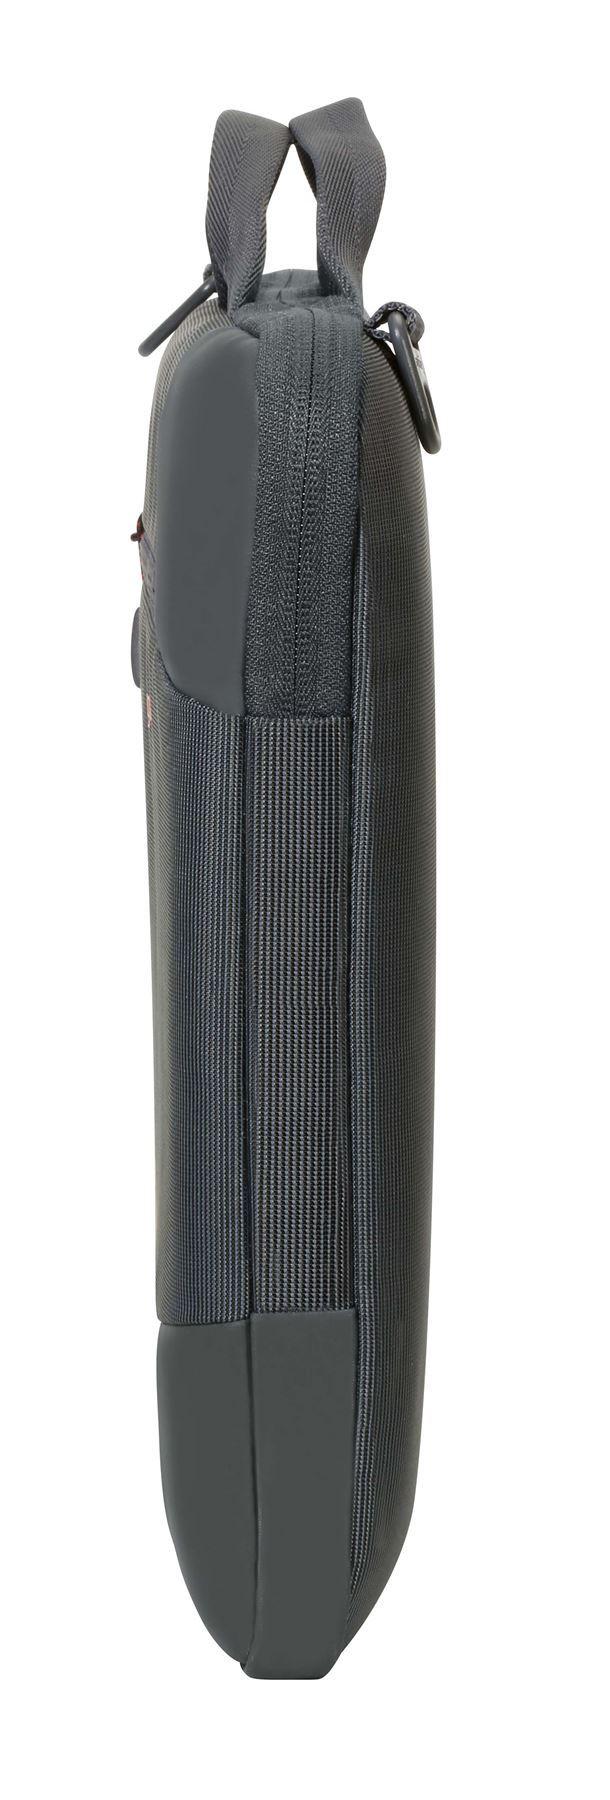 TSS954AU - 15.6 Bex II Slipcase - Ebony Side